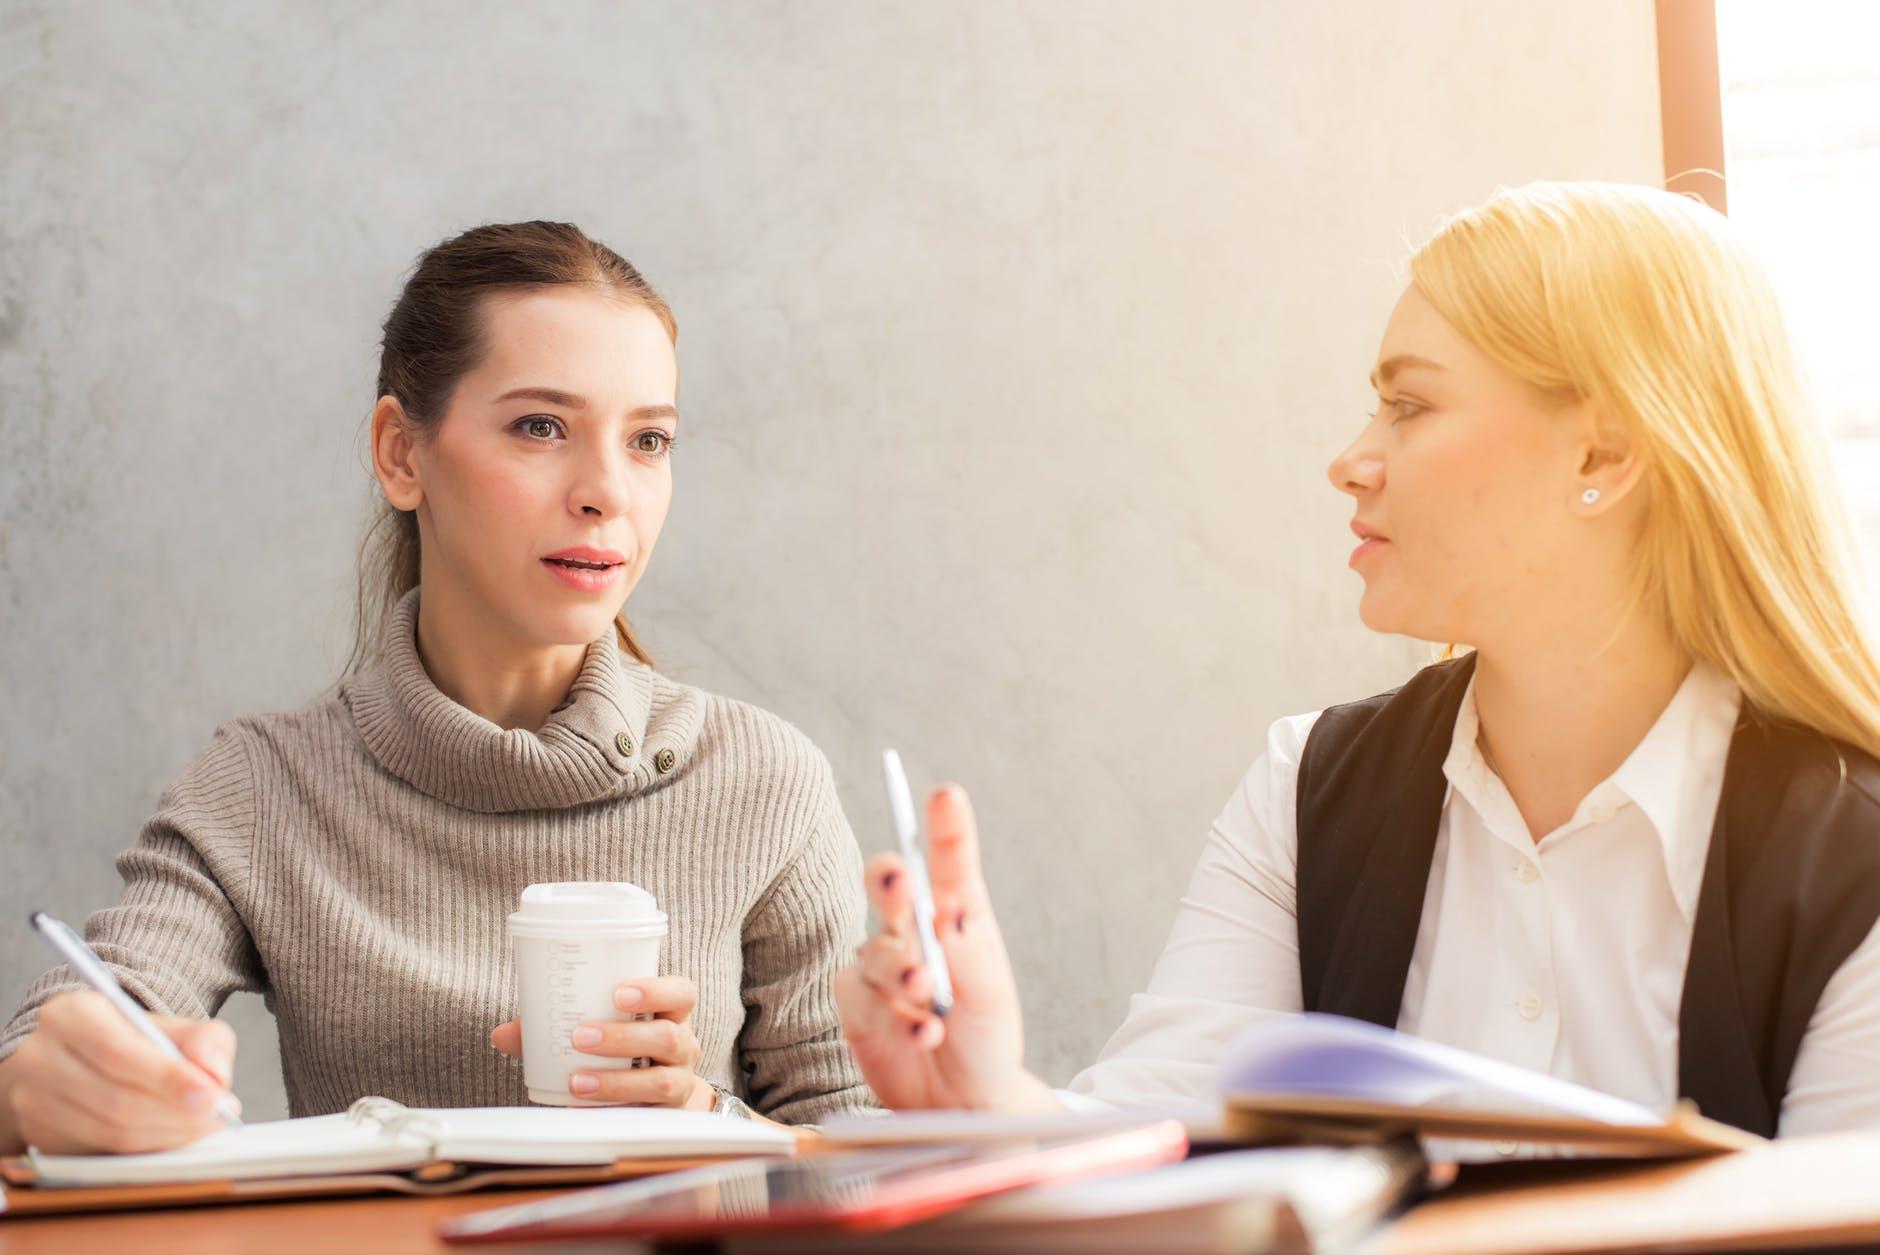 Gesprekken waar je tegenop ziet met ouders/collegae - ONDERWIJS | WORKSHOP